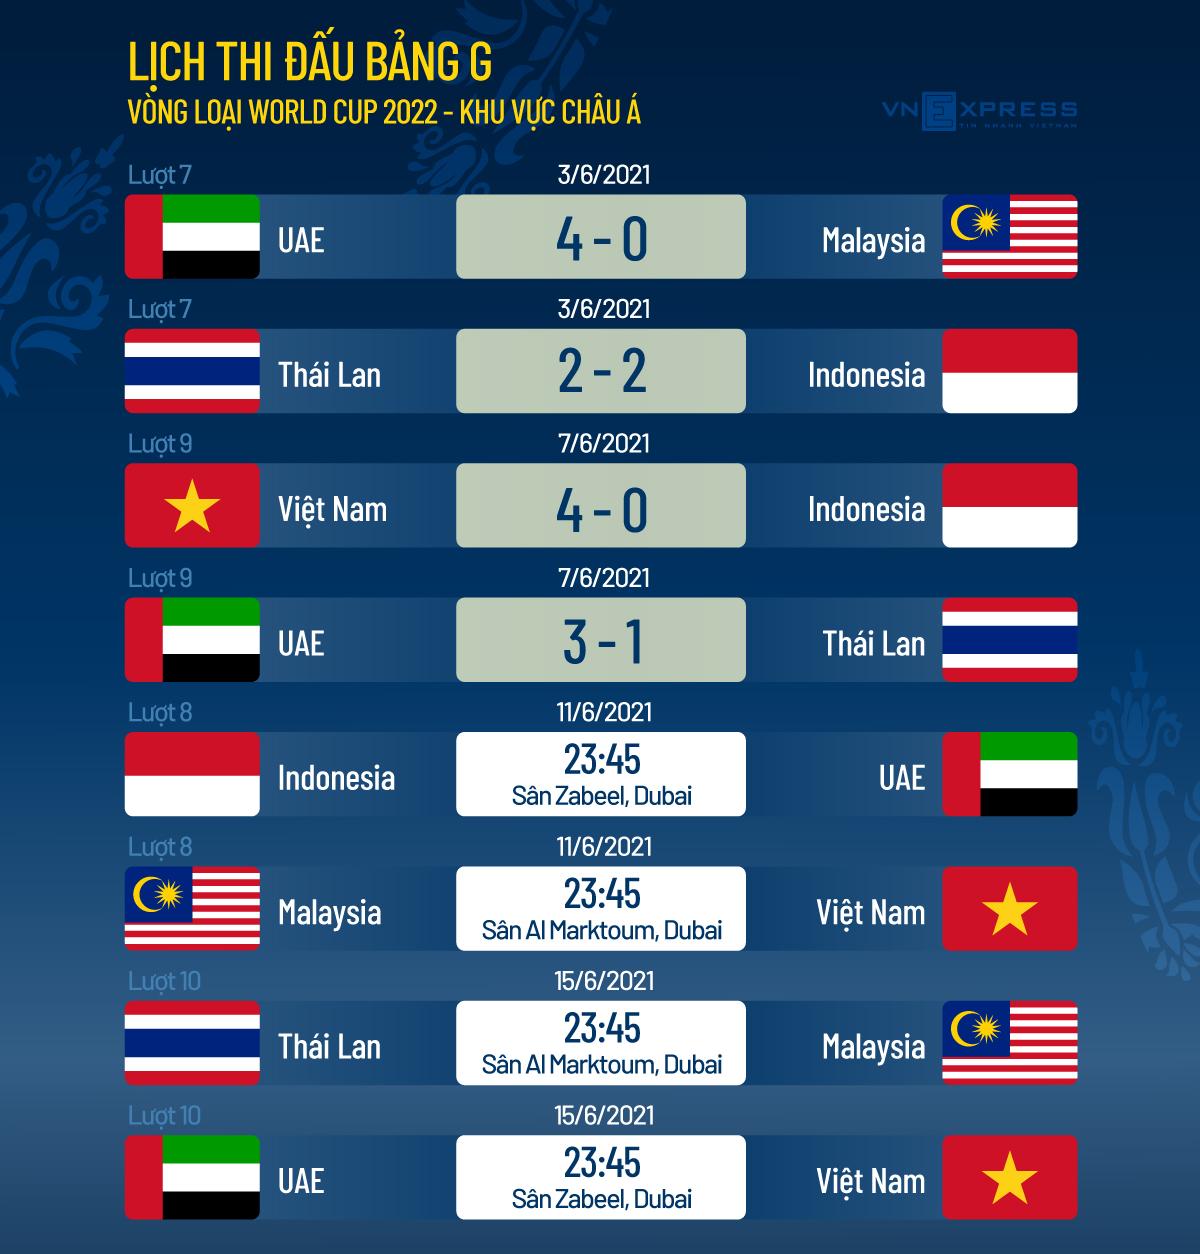 Tuan Anh memasukkan bola paling banyak di pertandingan Indonesia - 2